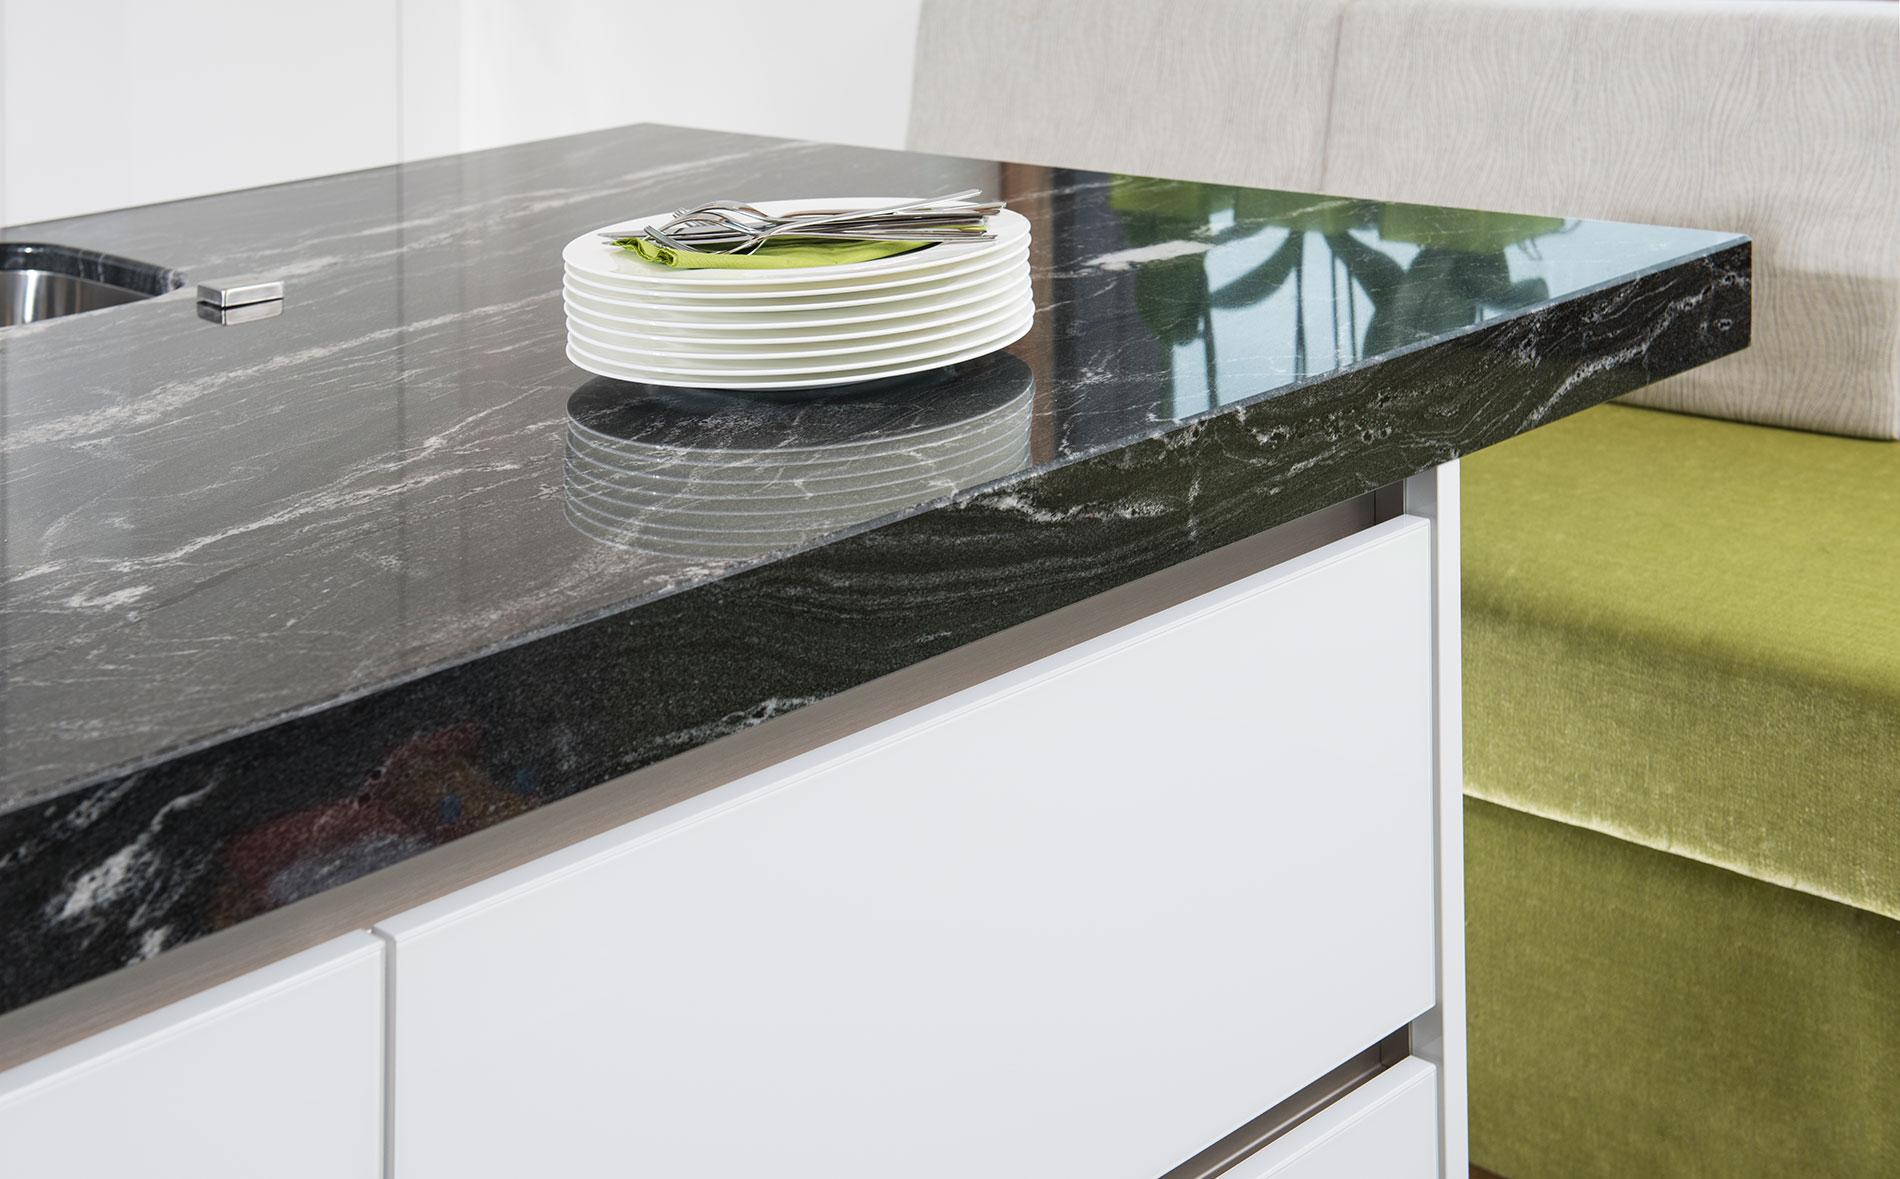 Kchenplatte Holz ] | Küchenplatte Holz, Küchenplatte Holz Versiegeln ...